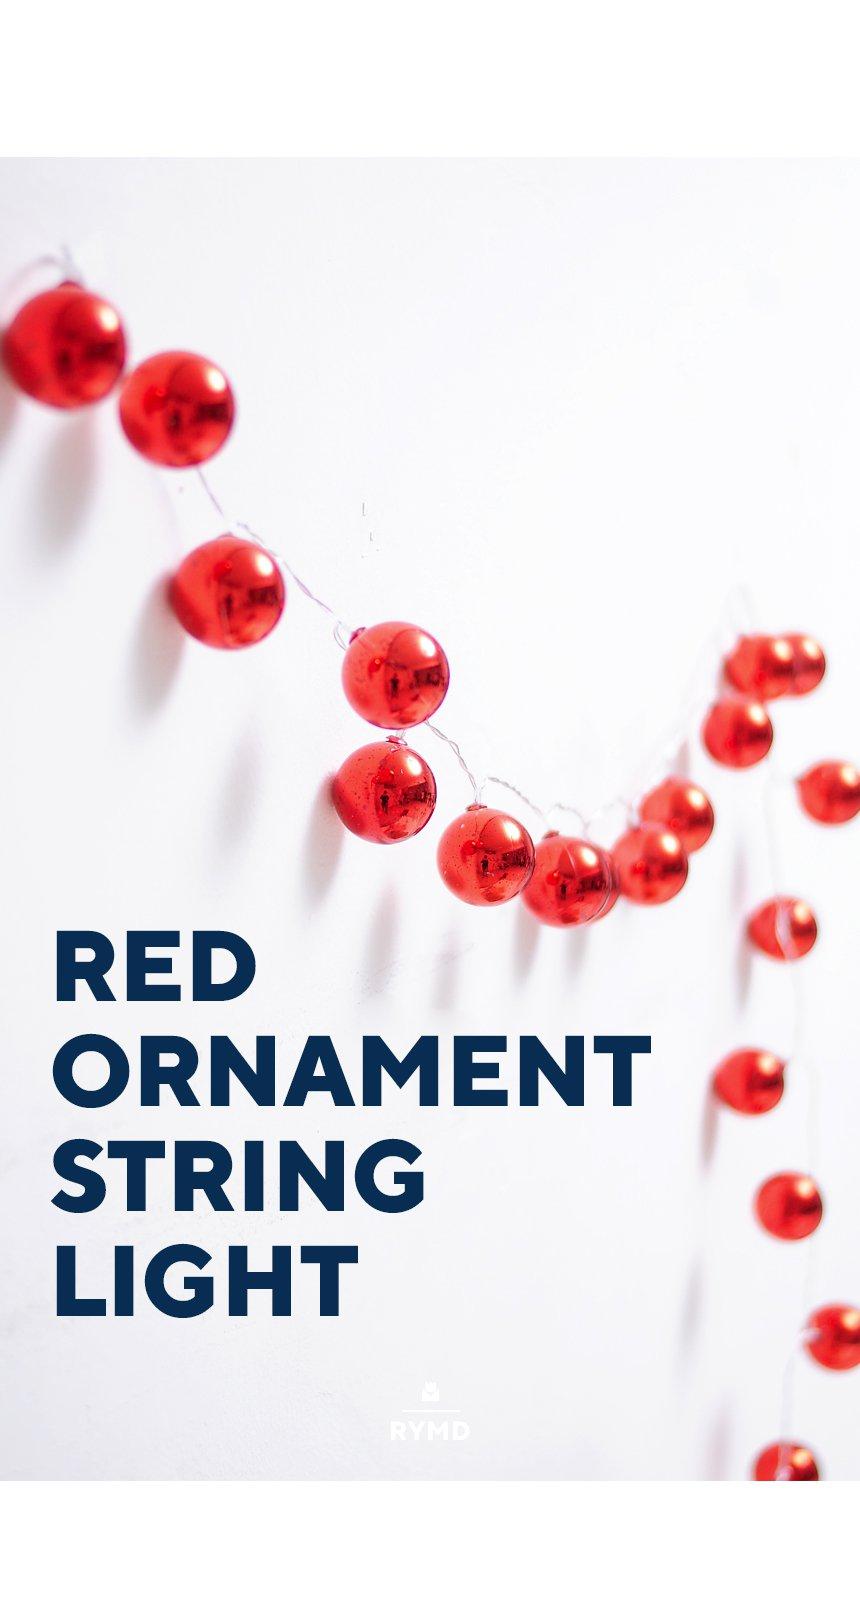 CHRISTMAS_RED_ORNAMENT_STRING_LIGHT_08.jpg